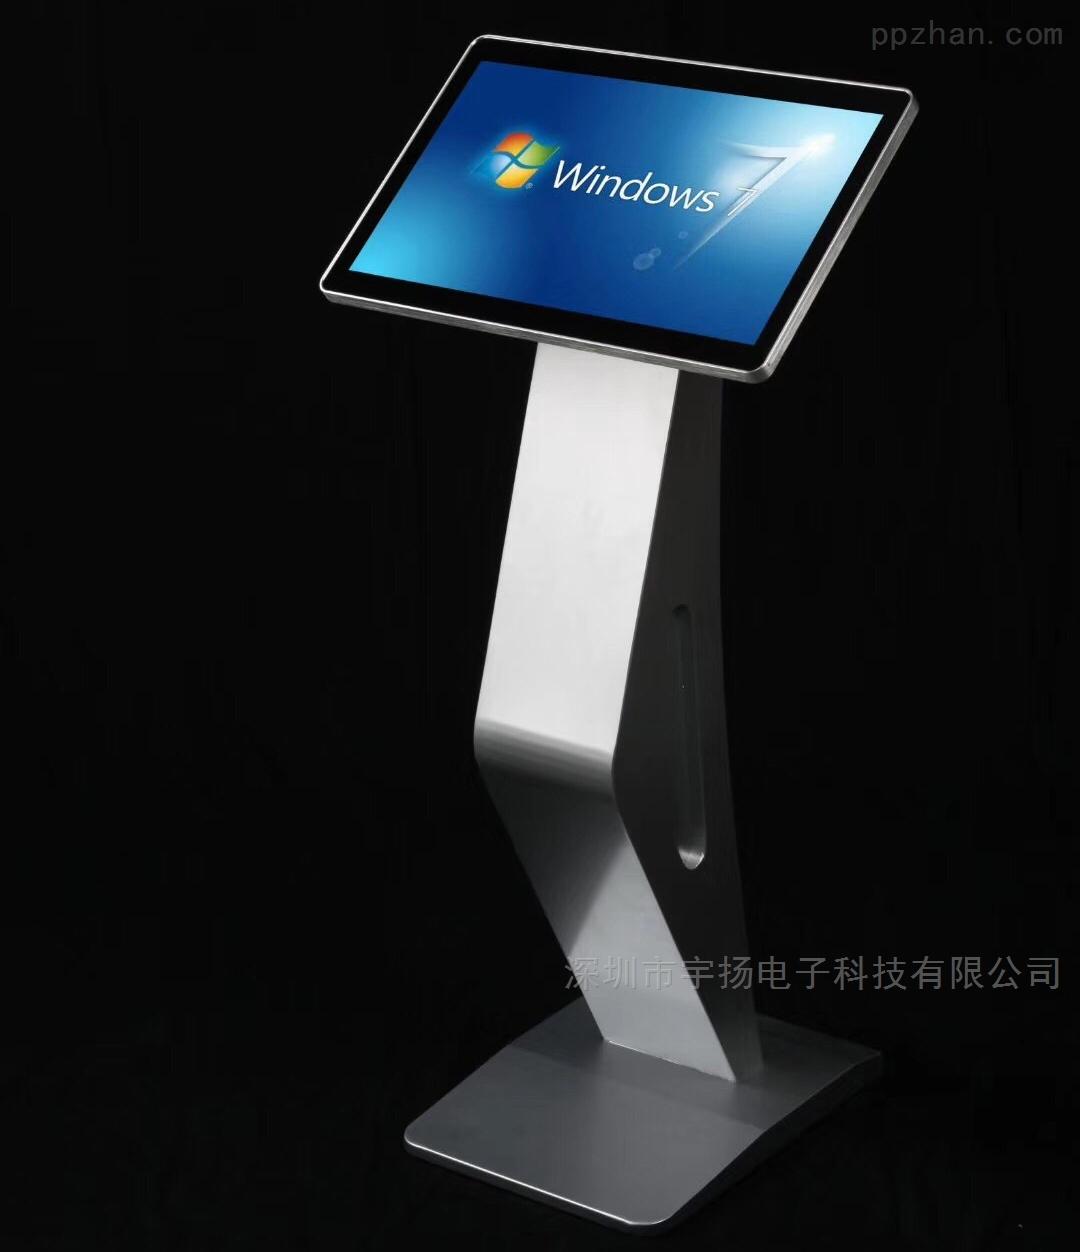 岳阳18.5寸广告触摸一体机厂家直销诚招代理